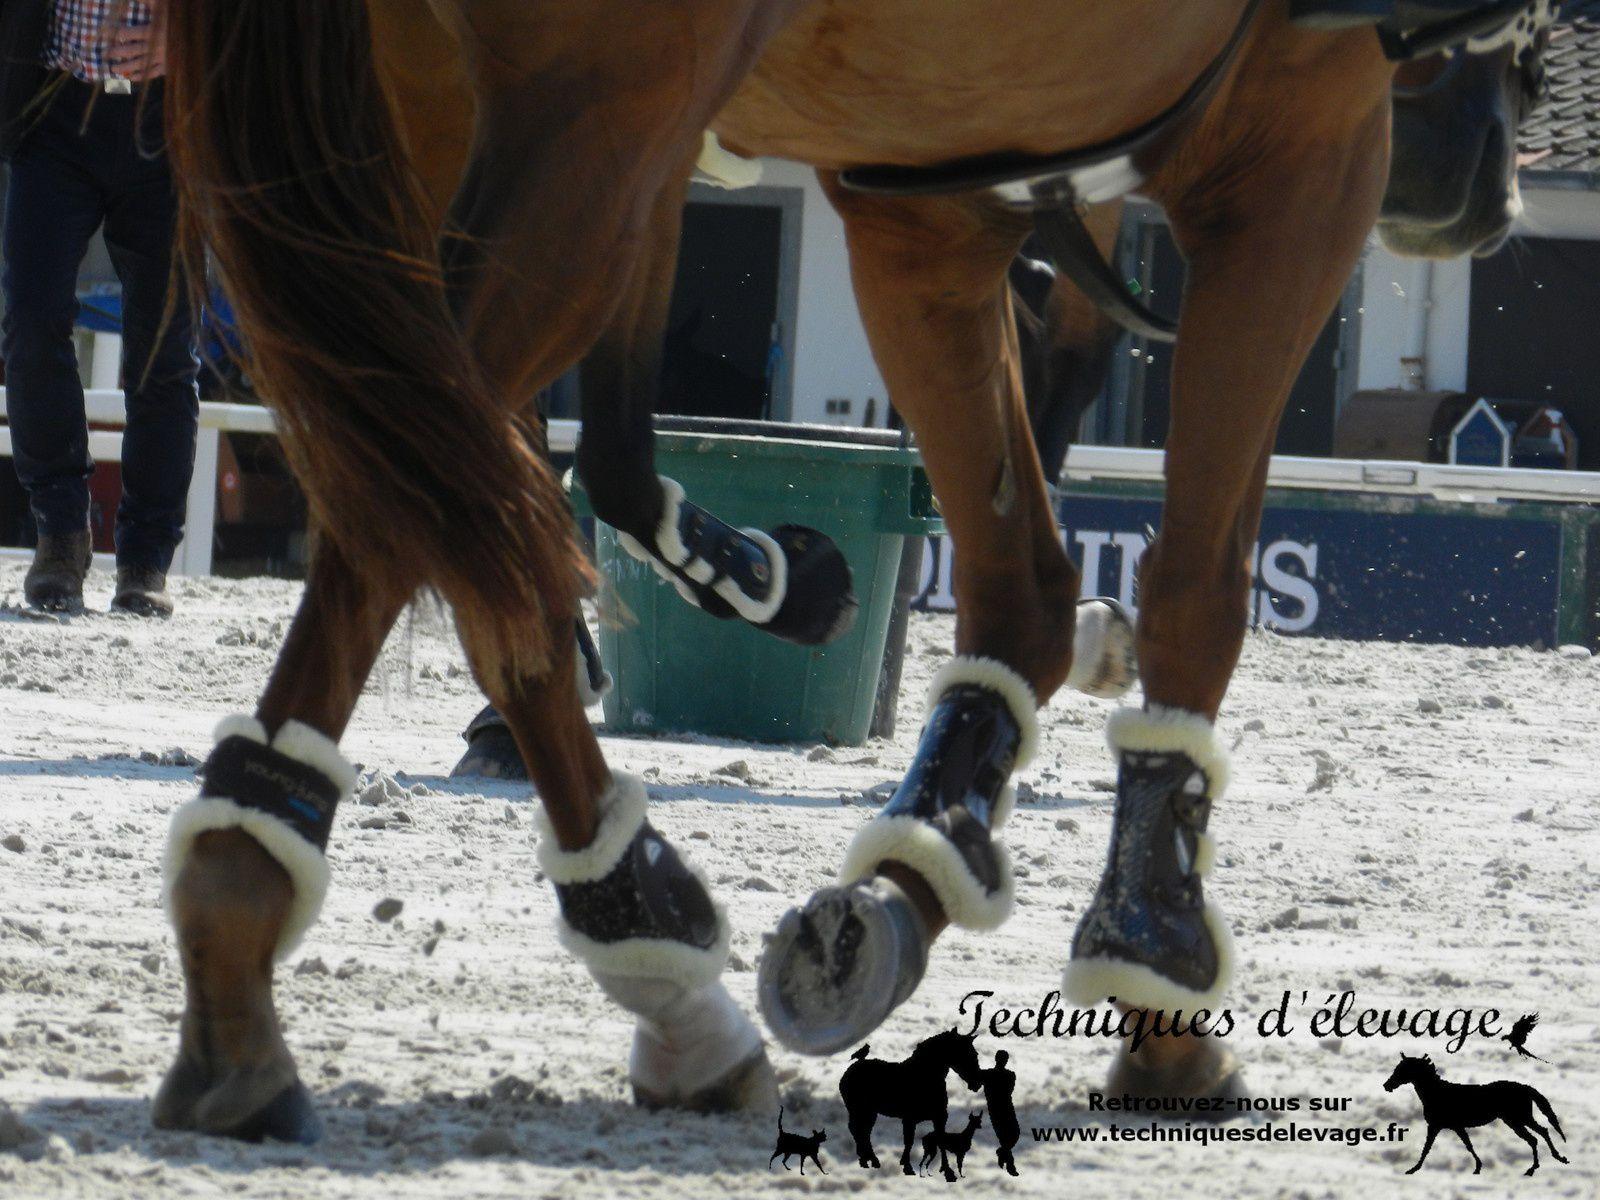 Membres d'un cheval. Techniques d'élevage. Tous droits réservés